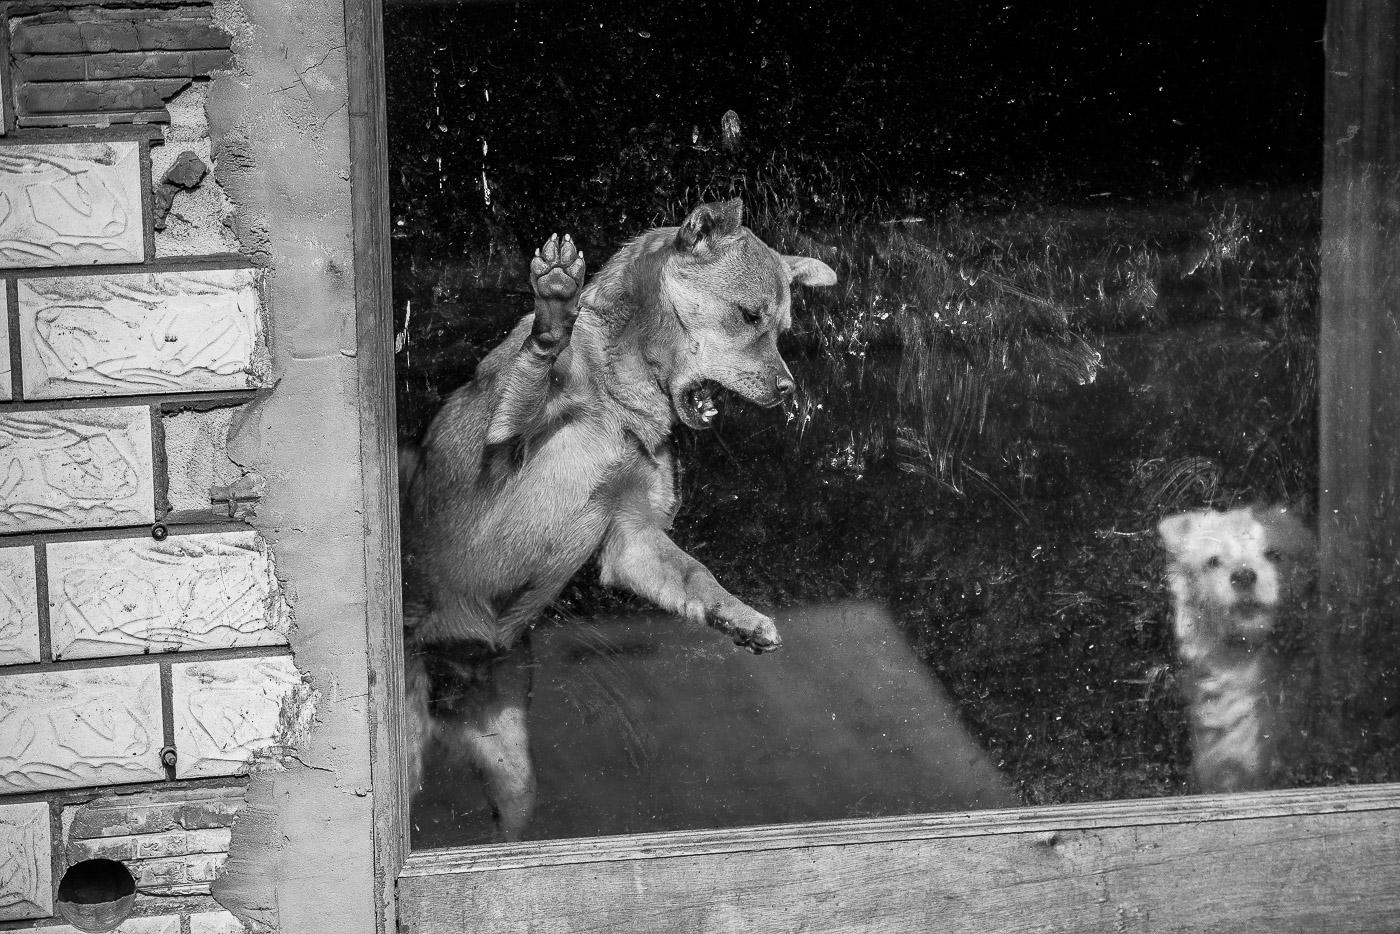 williamweilee作品:长期没人关爱的狗狗